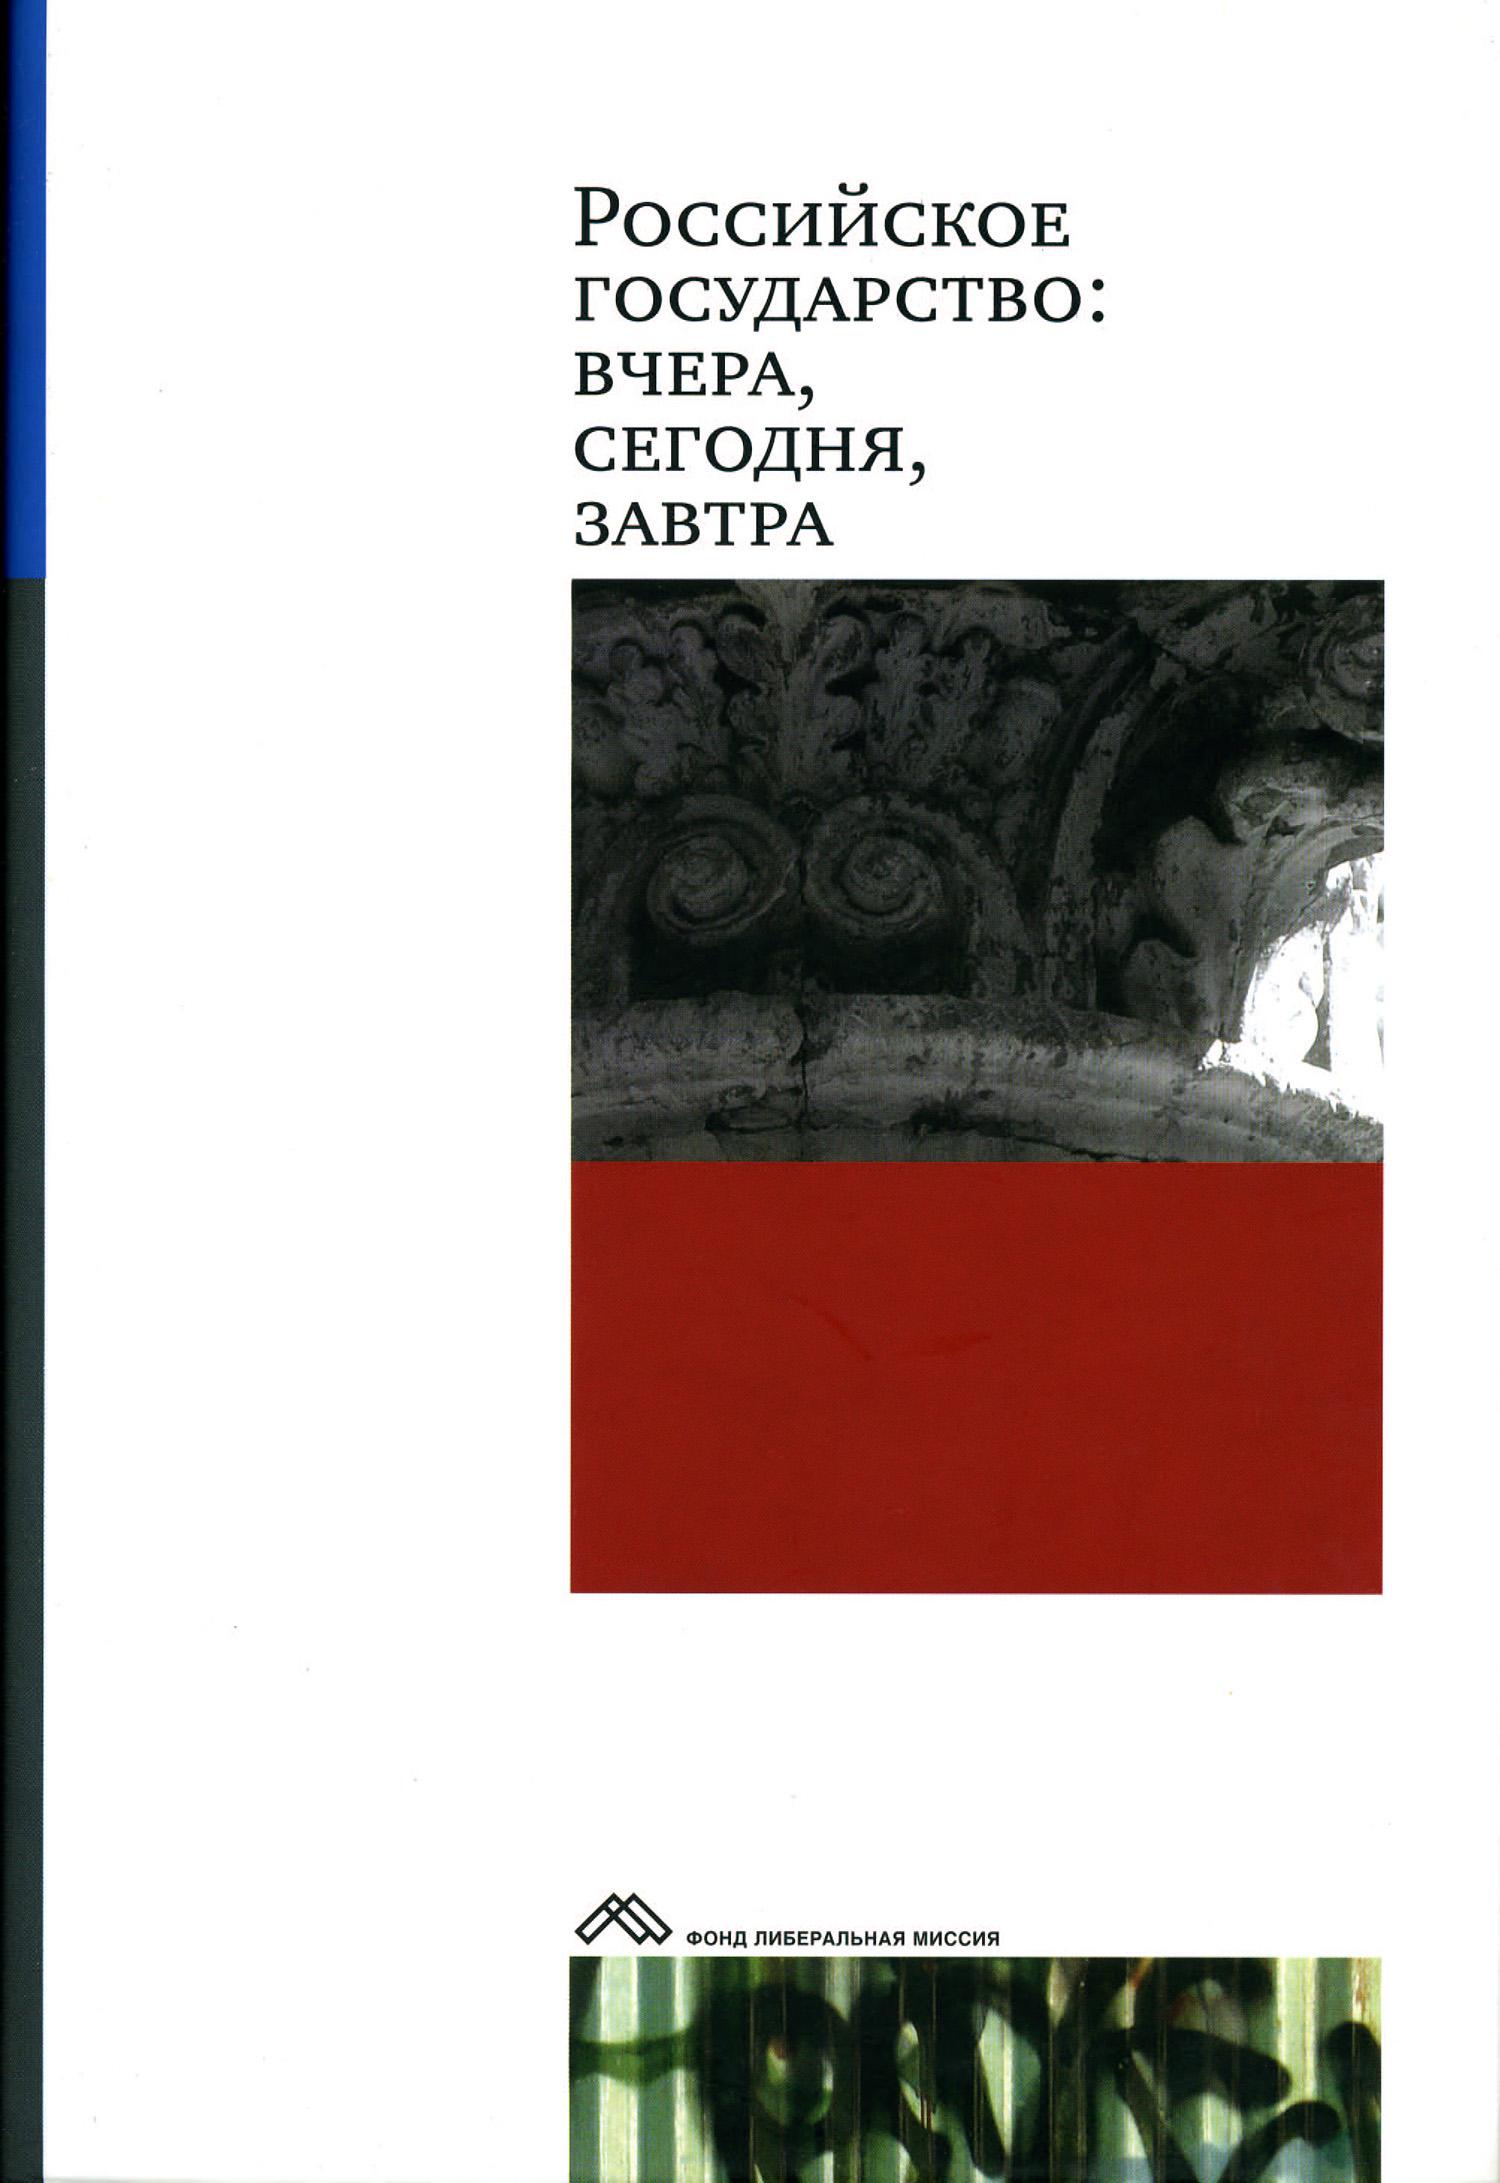 Коллектив авторов Российское государство: вчера, сегодня, завтра